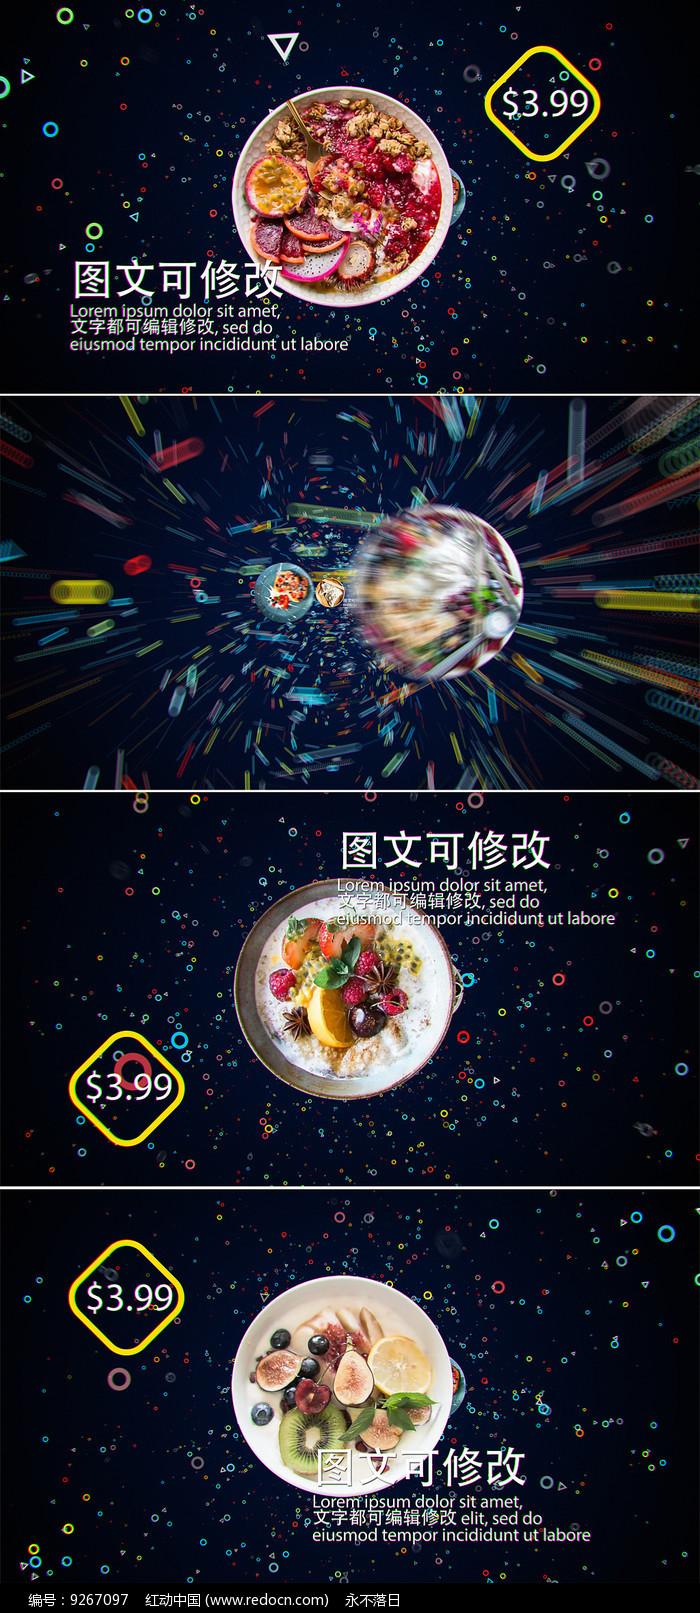 美食展示菜单菜谱广告视频模板 图片